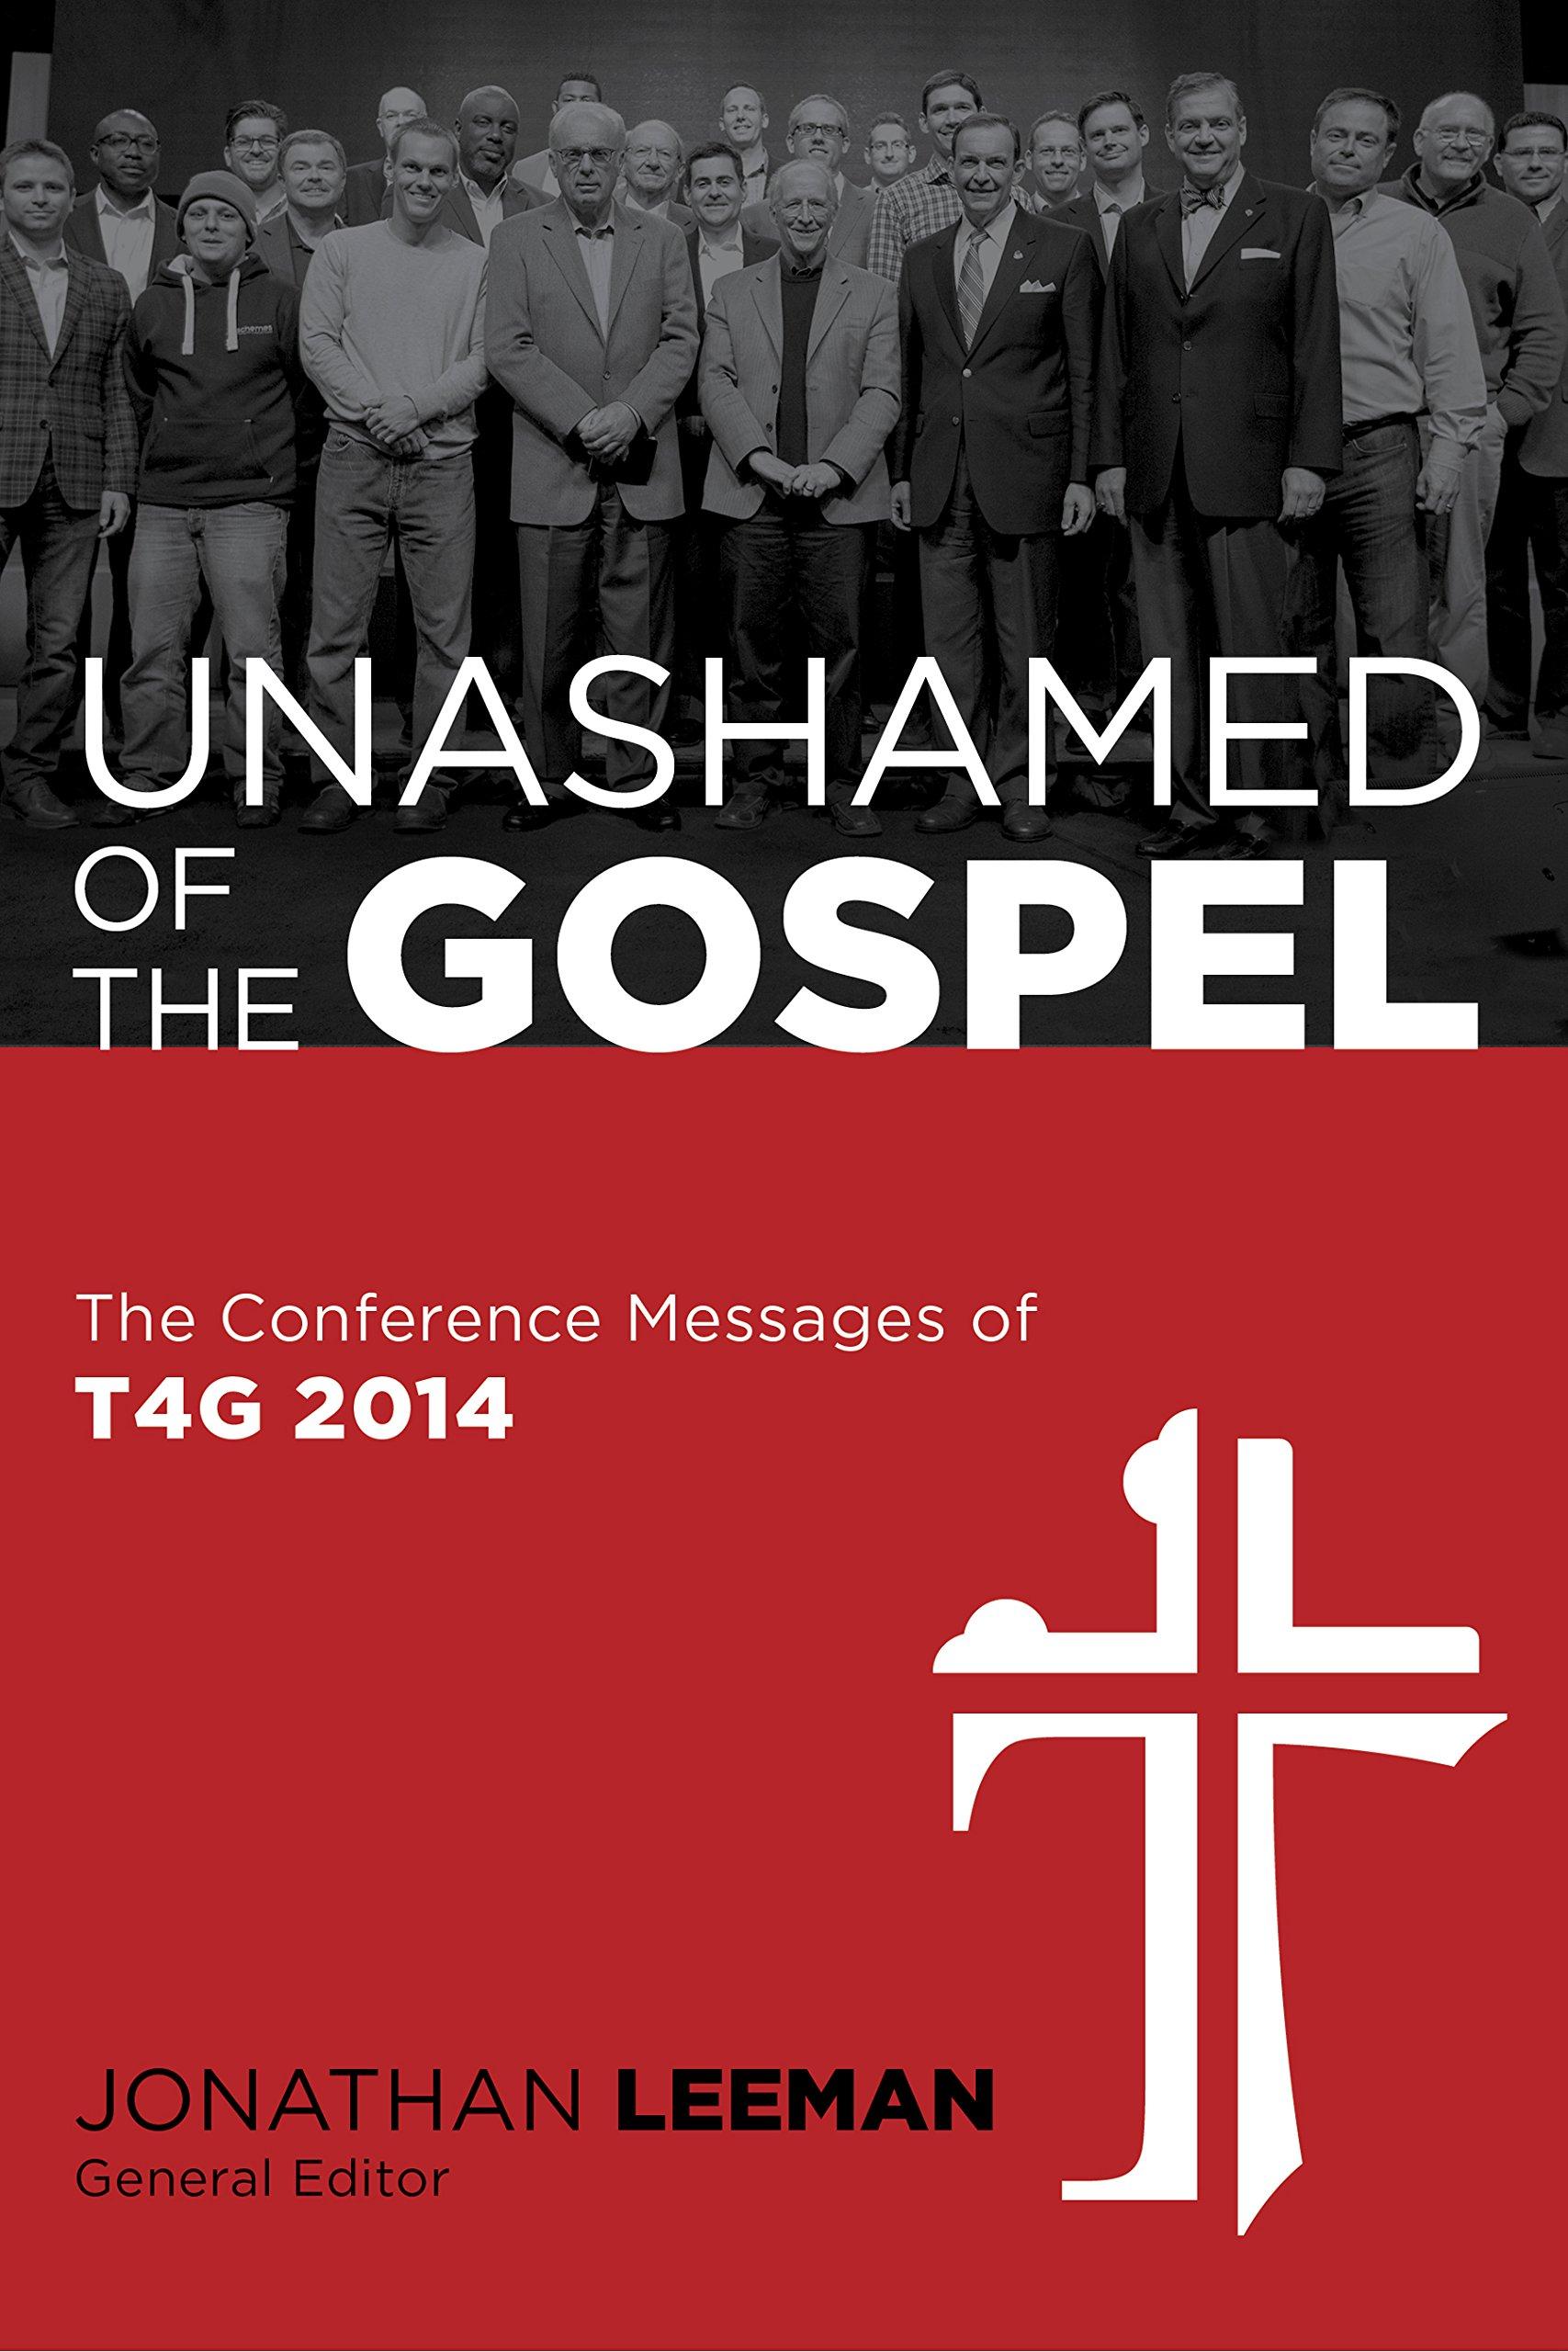 Download Unashamed of the Gospel ebook